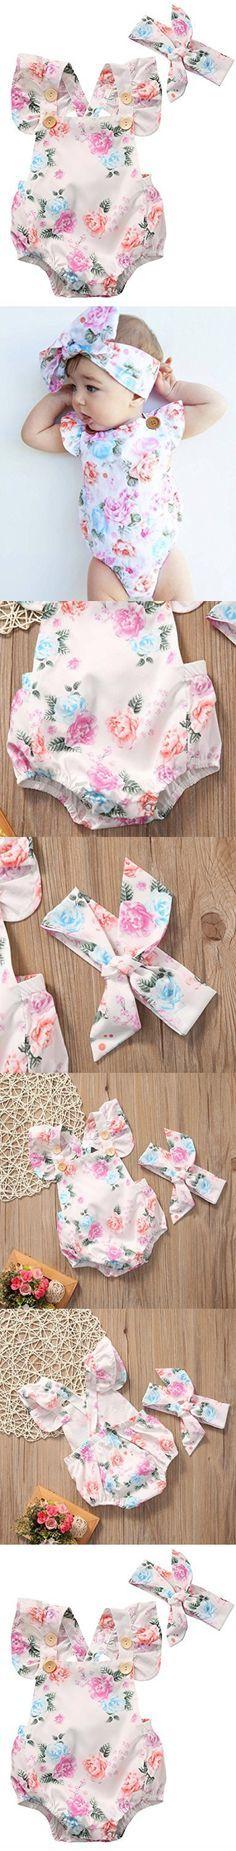 Baby Girls' Full Flower Print Buttons Ruffles Romper Bodysuit with Headband (100(18-24M), White)